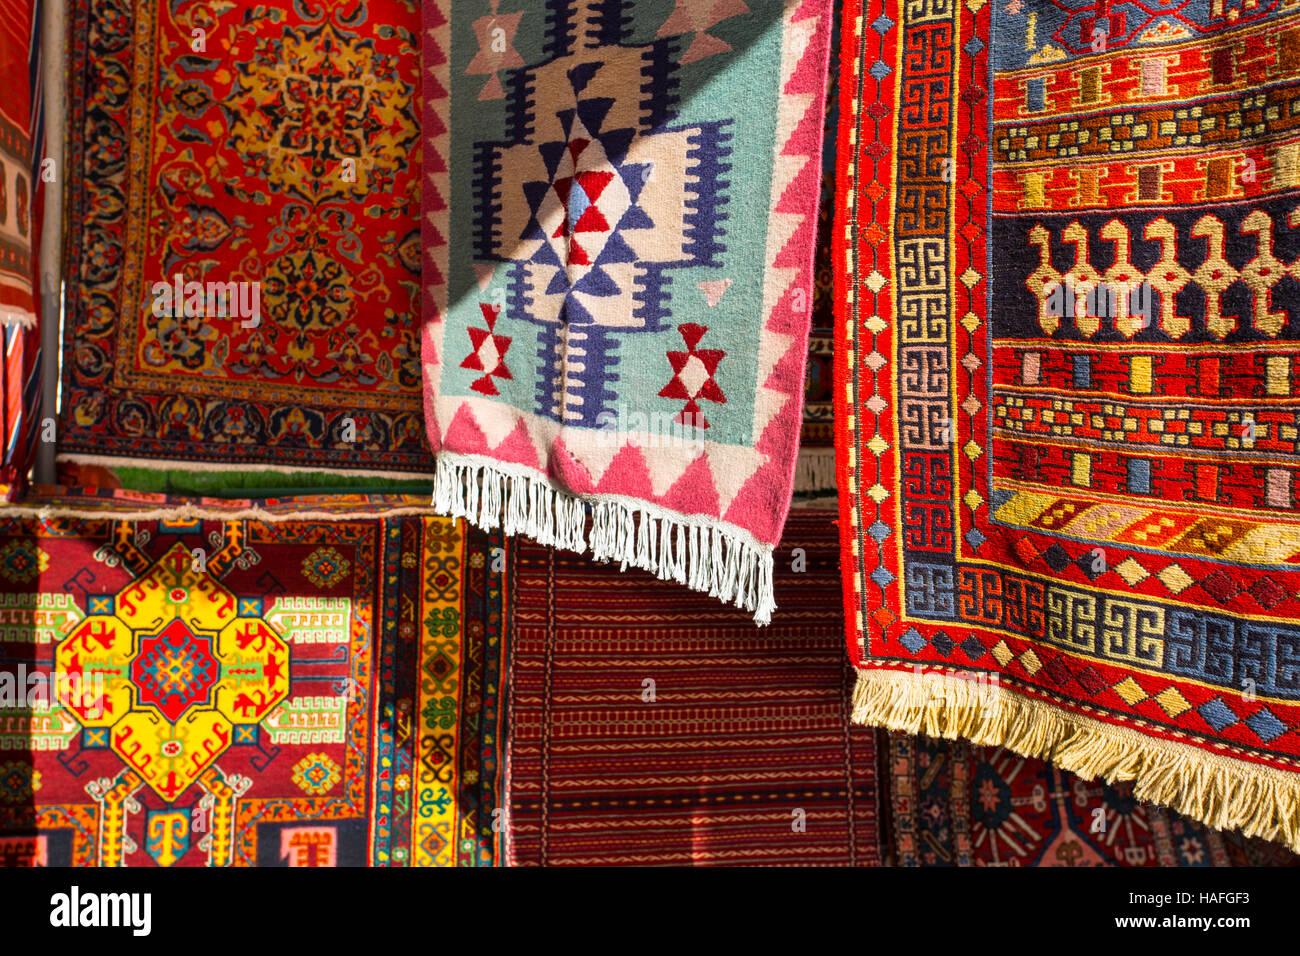 Farben Teppiche Teppich Casino Formen Von Farben X With Farben